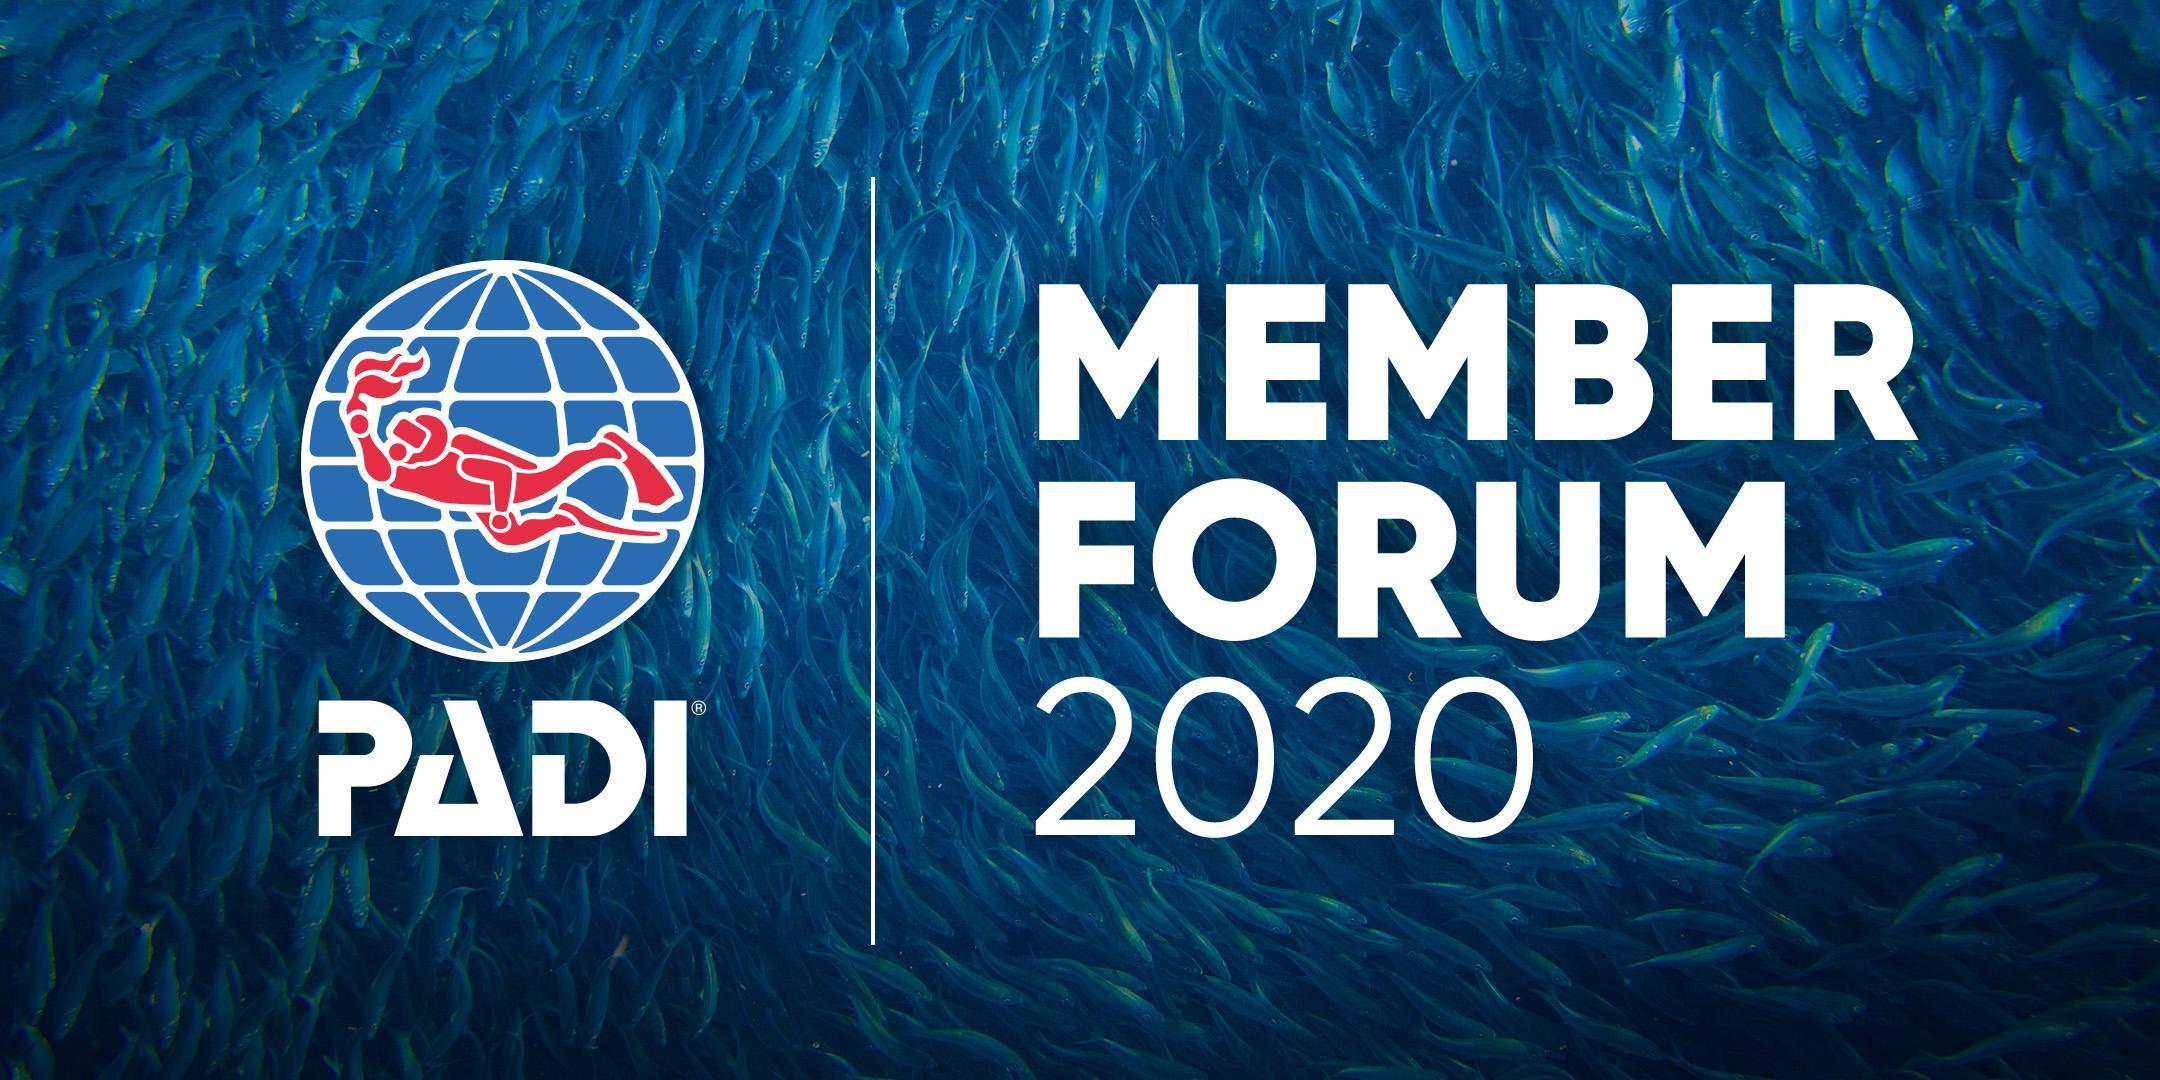 2020 PADI Member Forum Hamburg, Deutschland